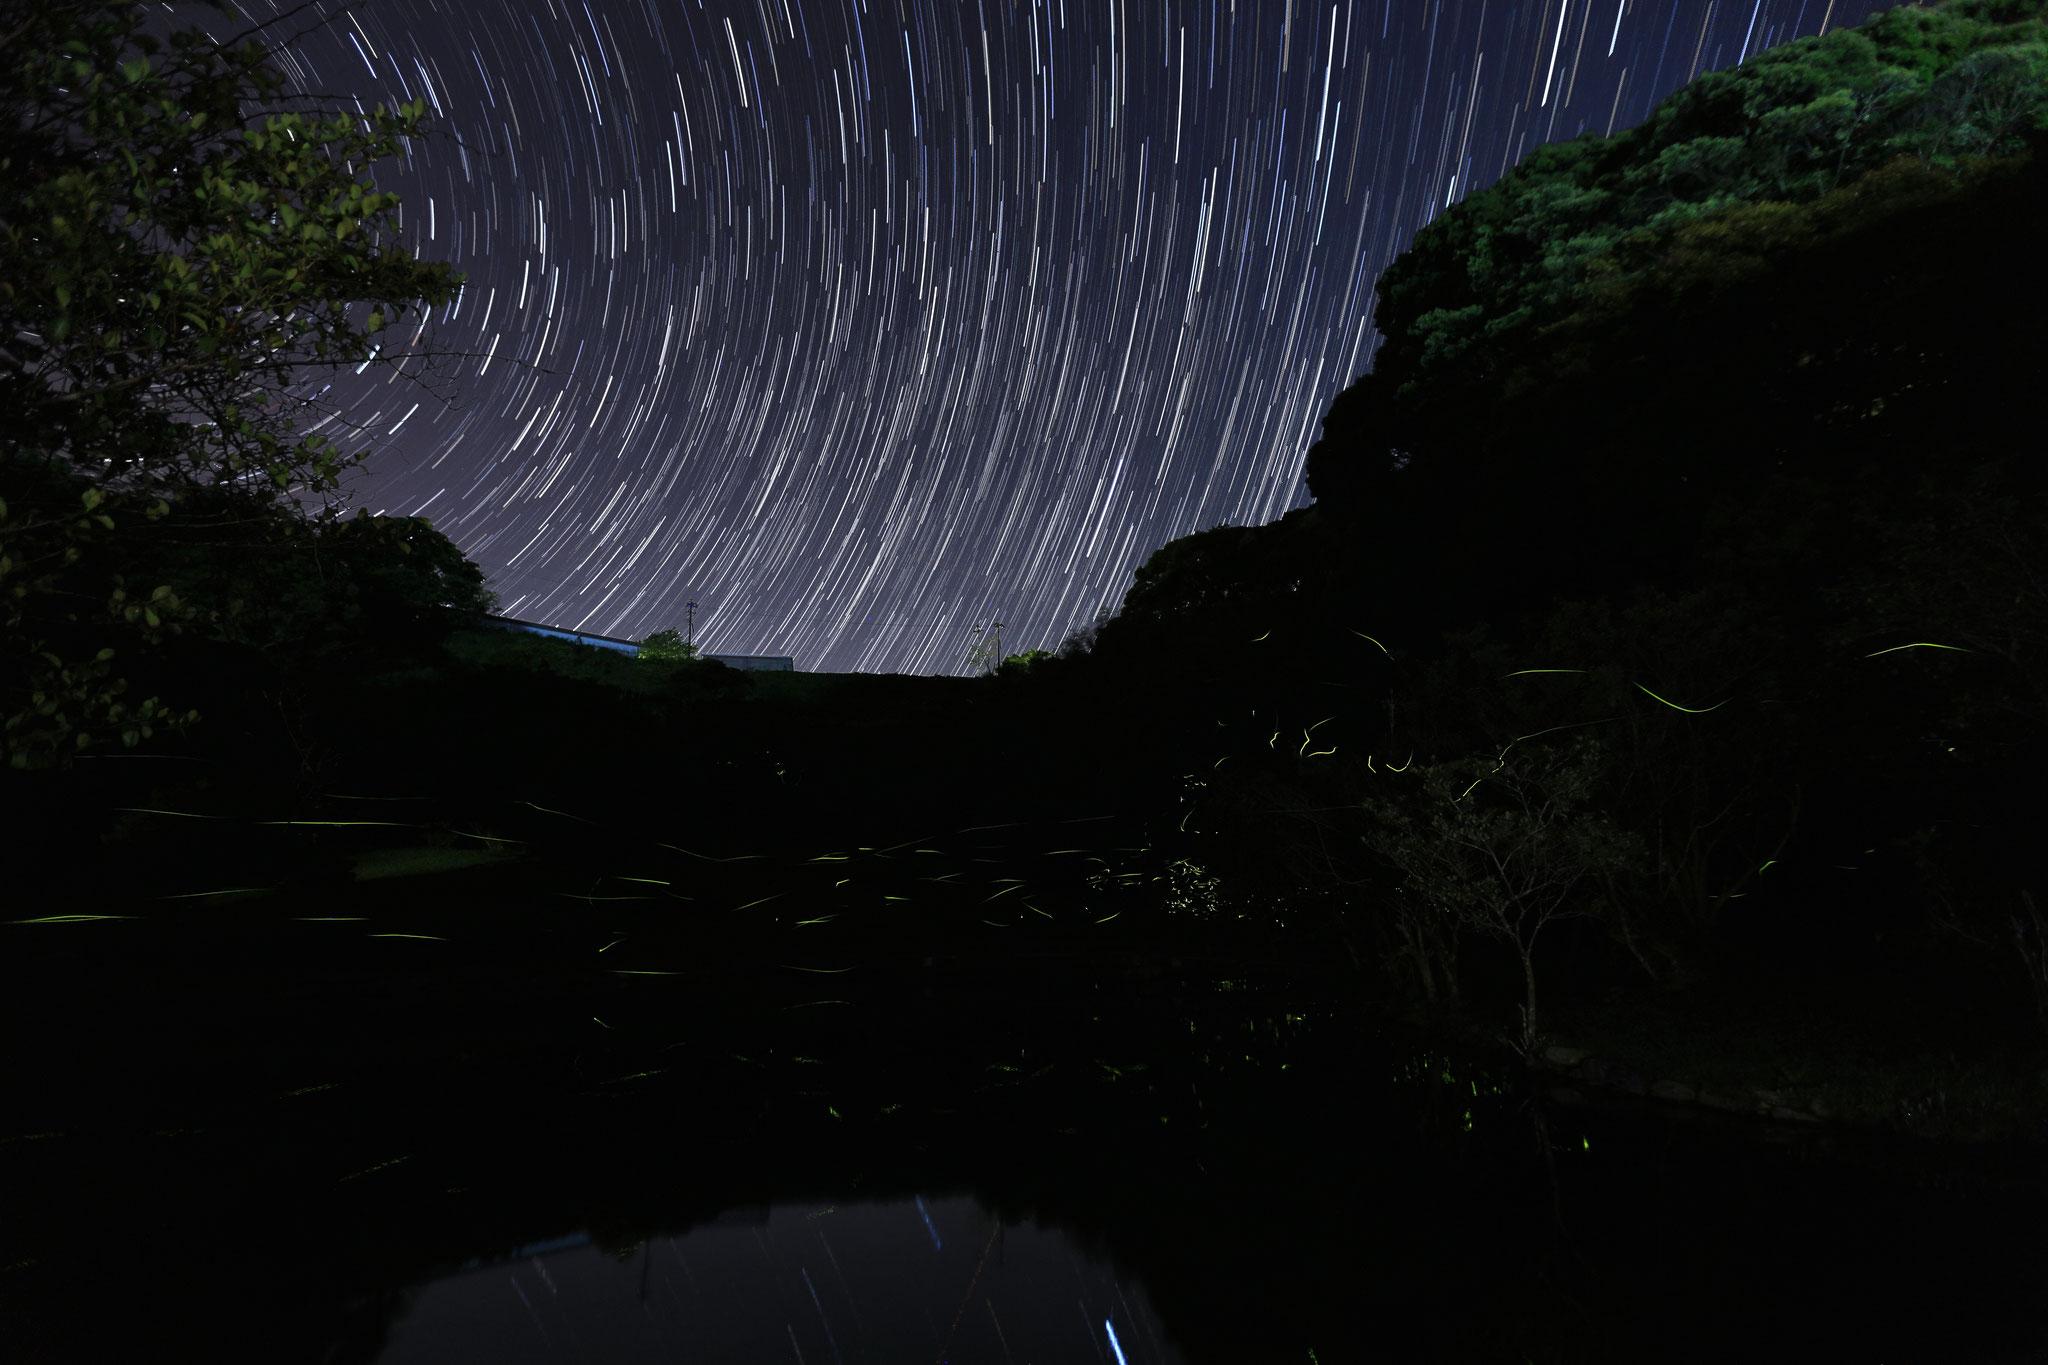 池を飛び回るゲンジボタルと星の軌跡(5/14 吾平町玉泉寺公園)